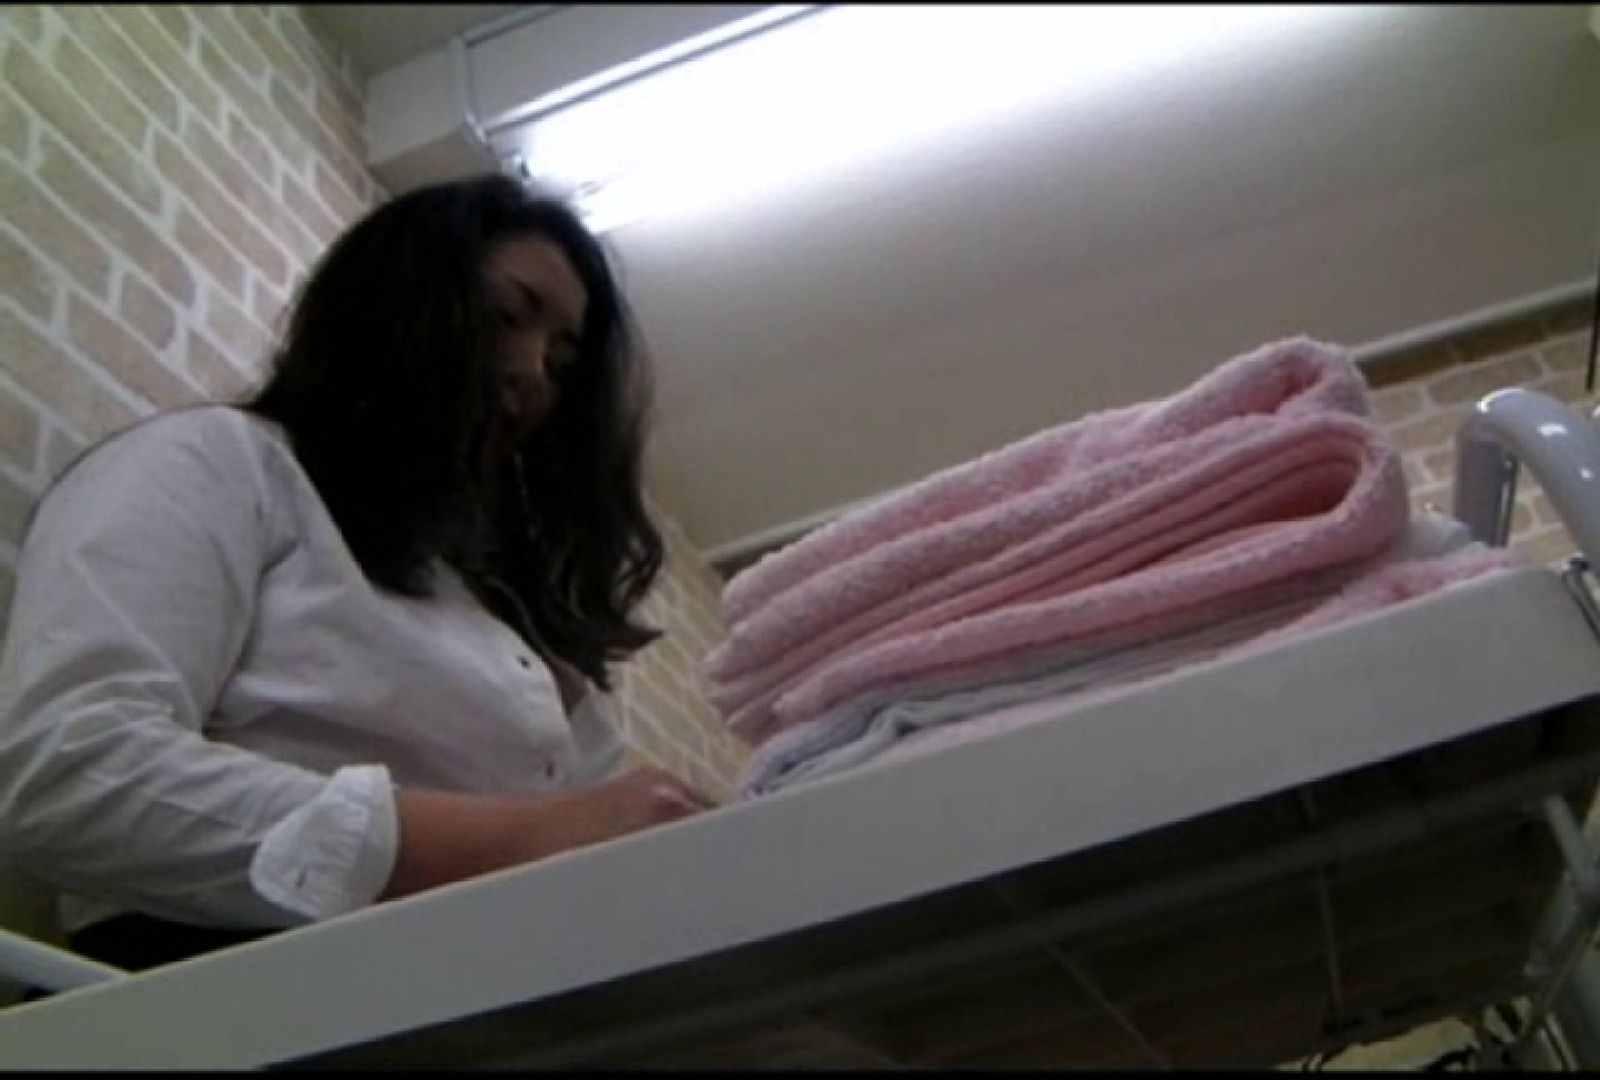 いきつけの美容院はノーブラ営業中!Vol.3 チラ オマンコ無修正動画無料 82画像 27